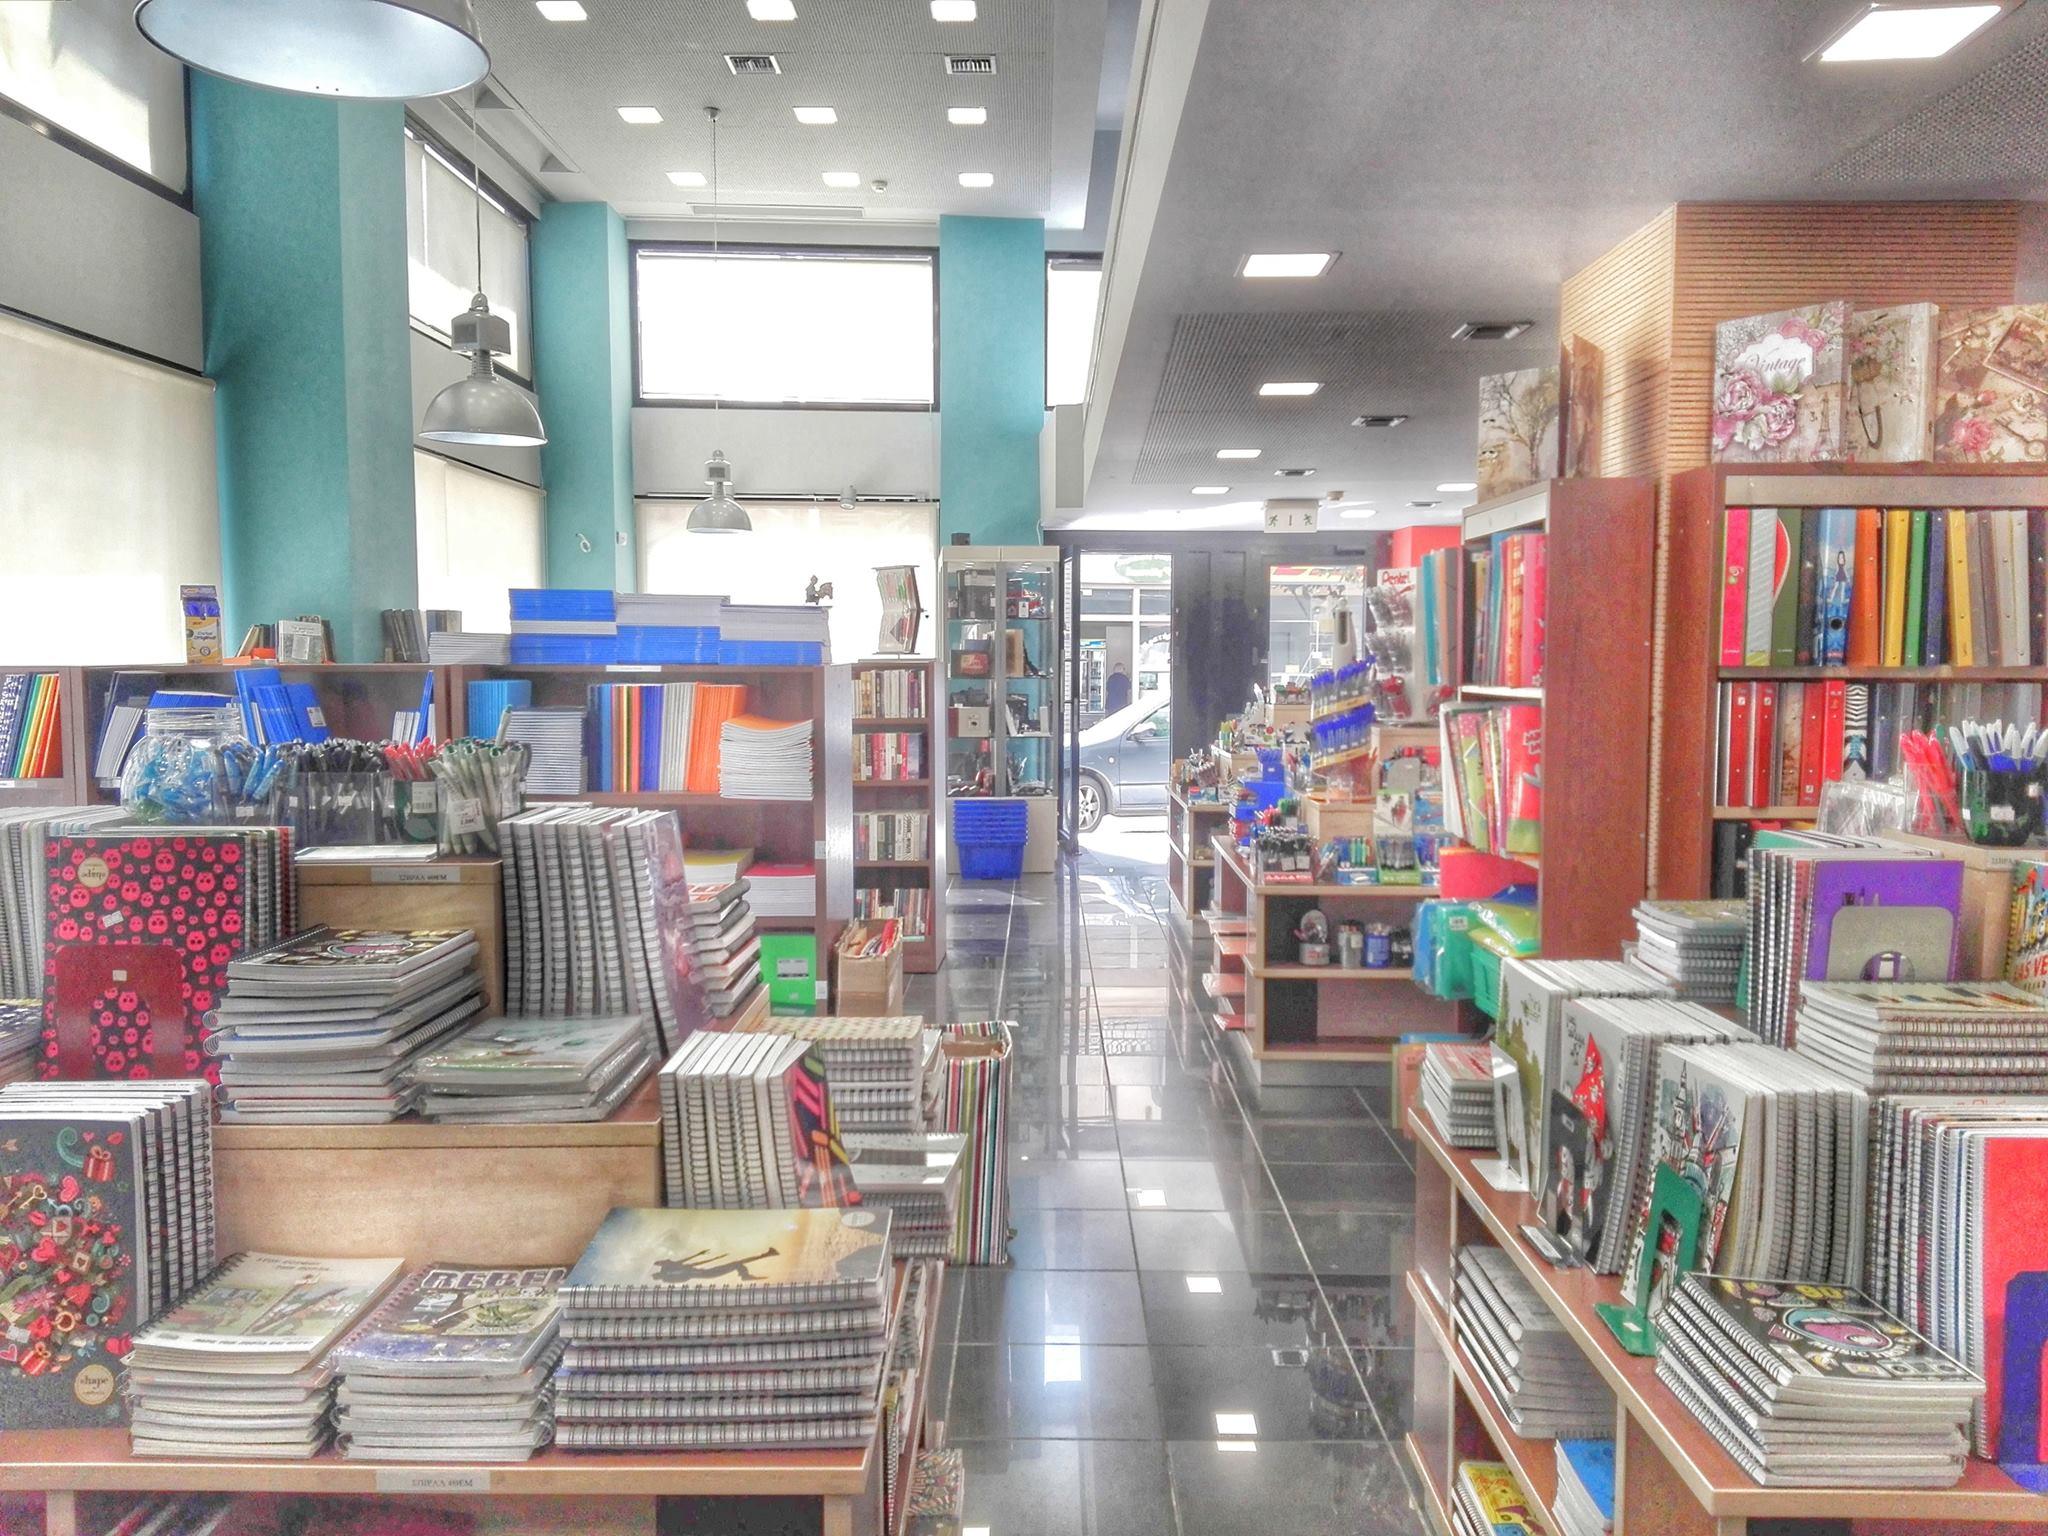 23468560 149009909043016 1485659426 o - Το Κλου | Το βιβλιοπωλείο που αλλάζει την συνήθεια στο βιβλίο